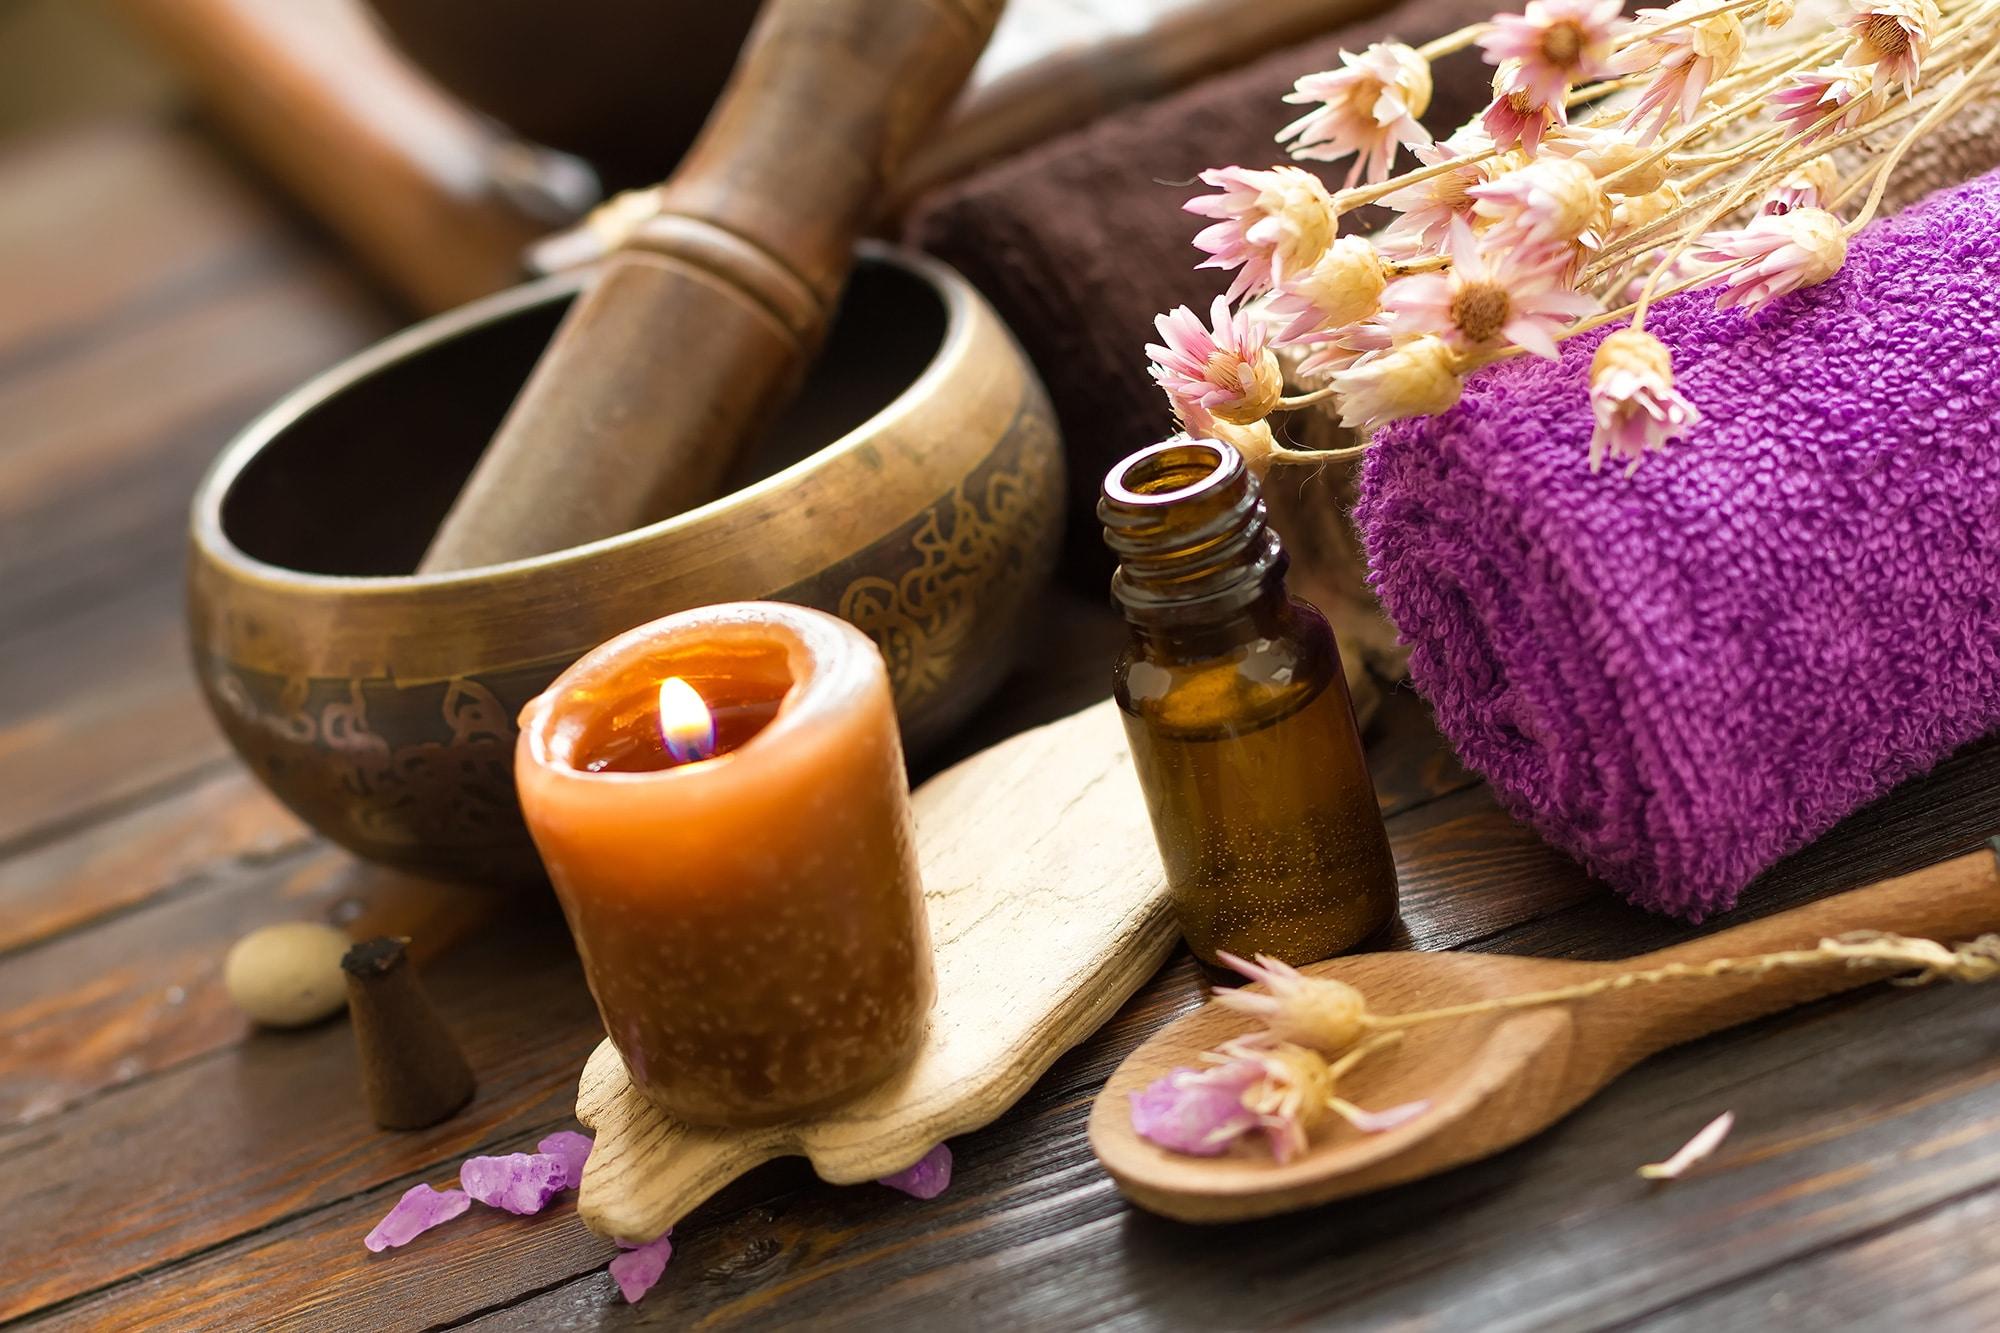 aromaterapia, consigli per ridurre lo stress